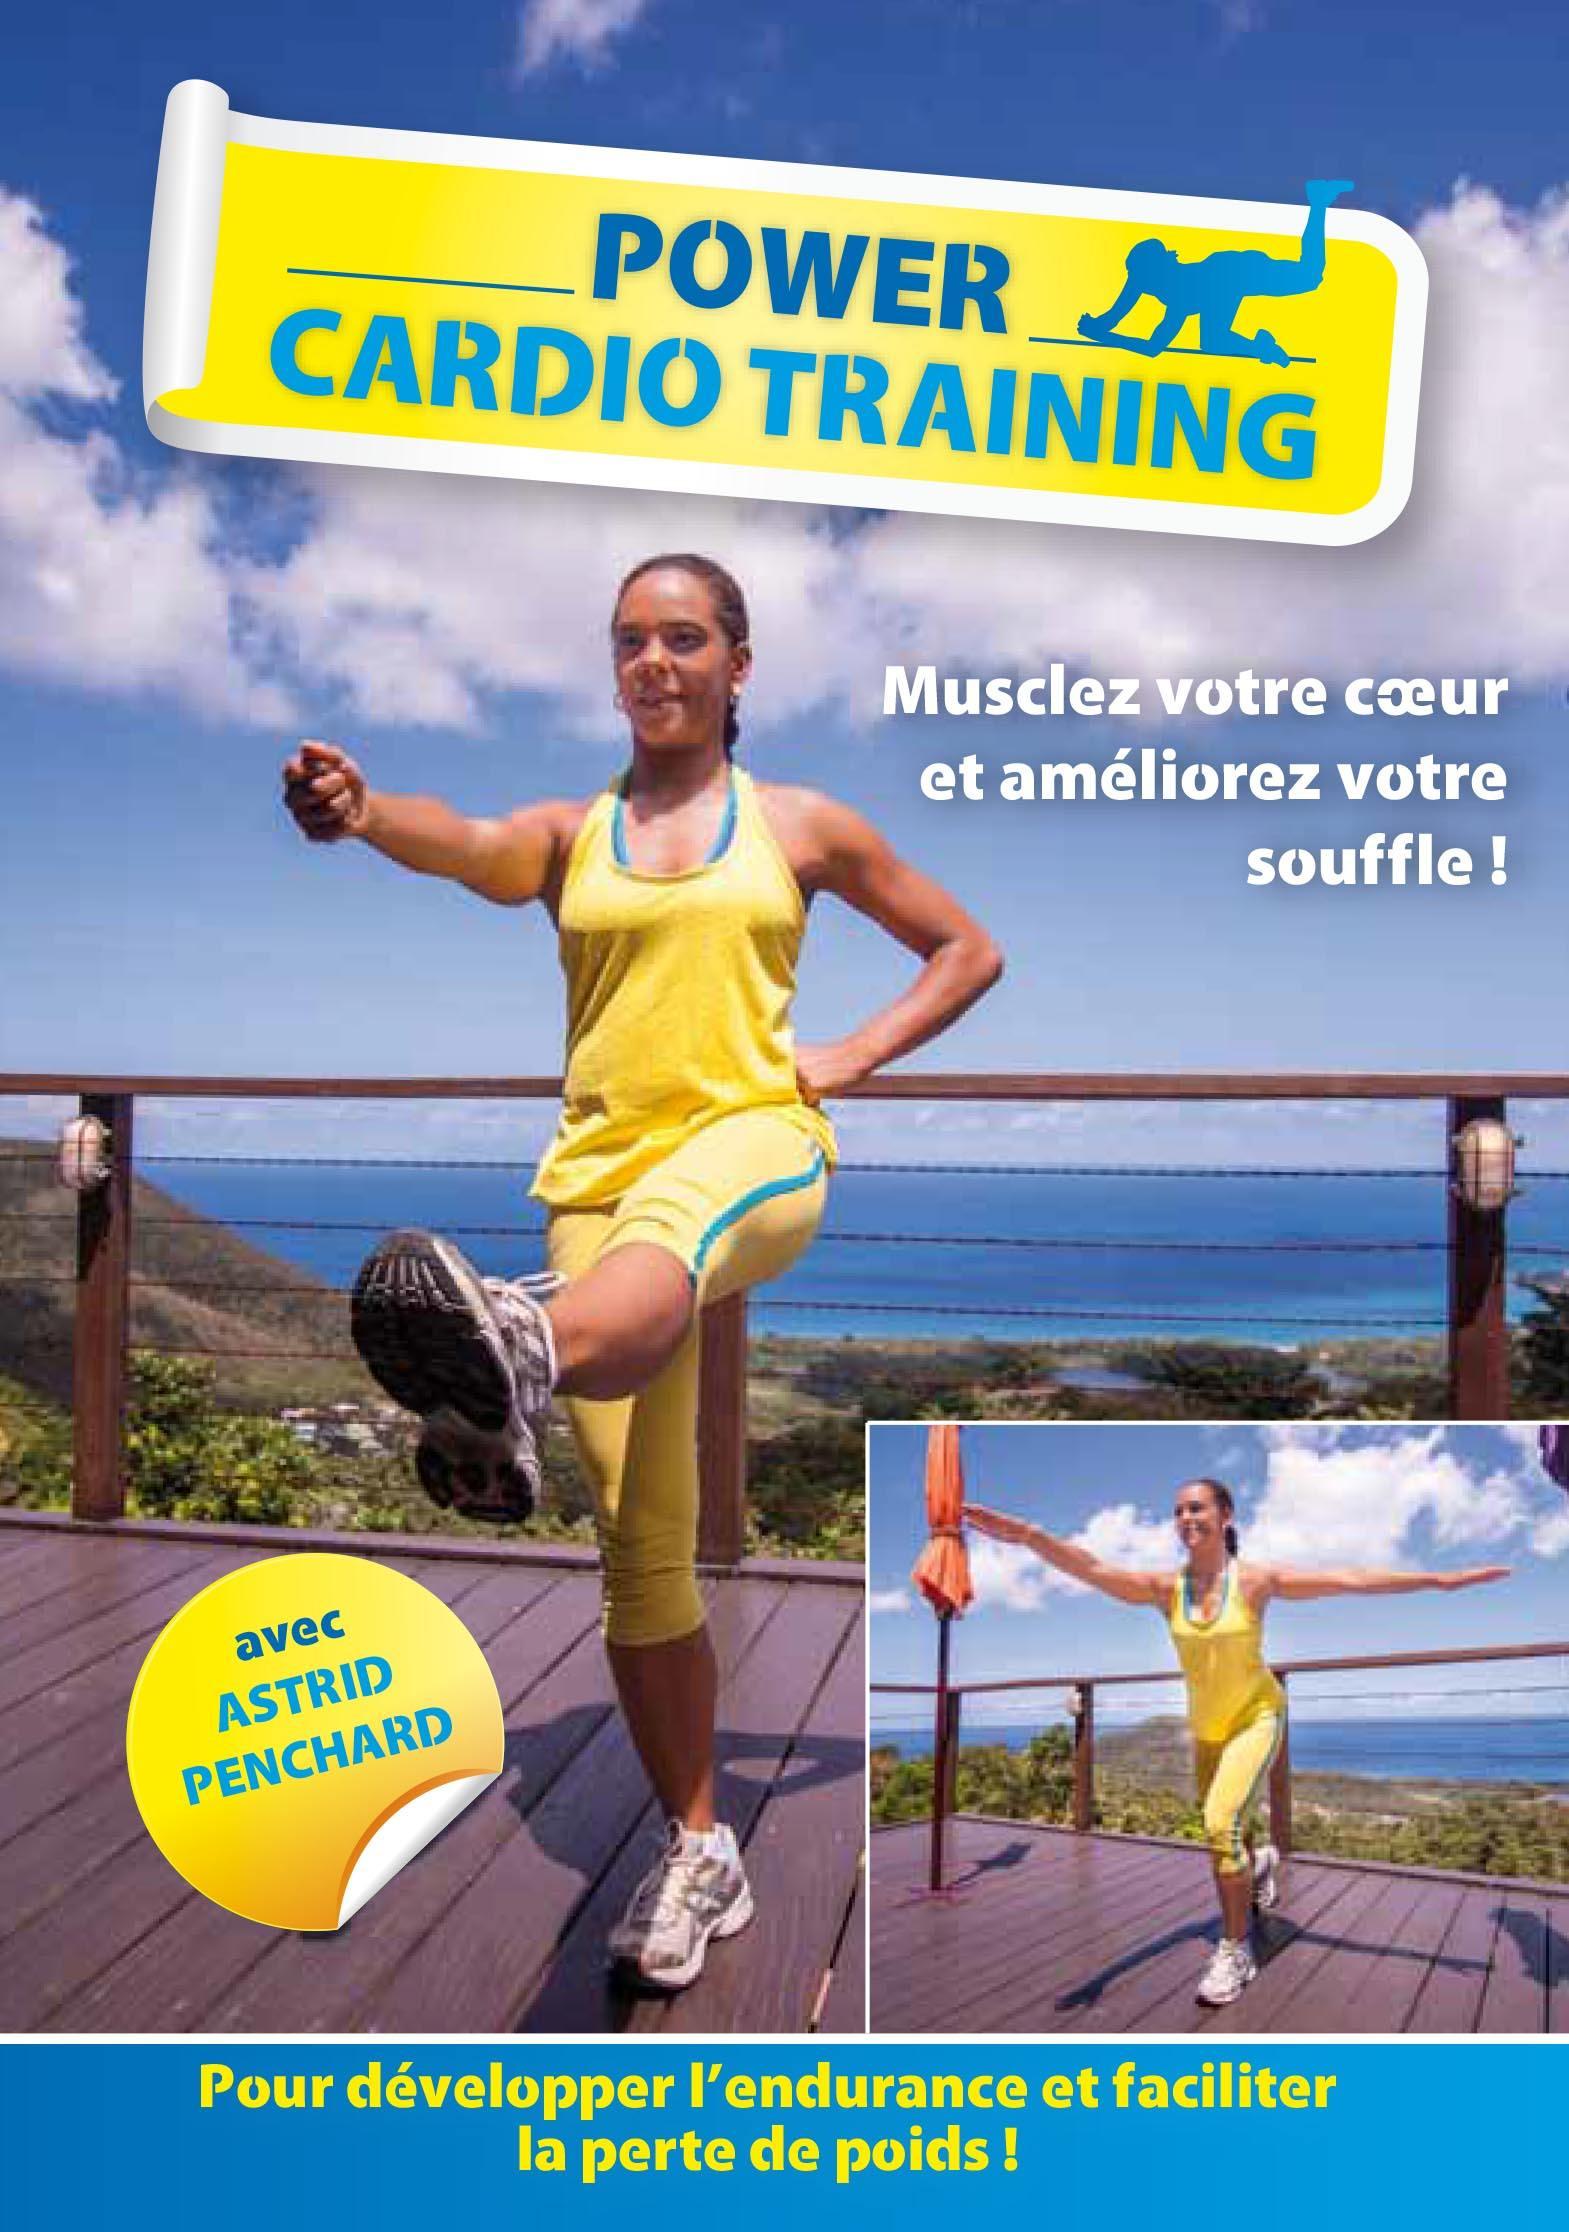 Power cardio training - dvd